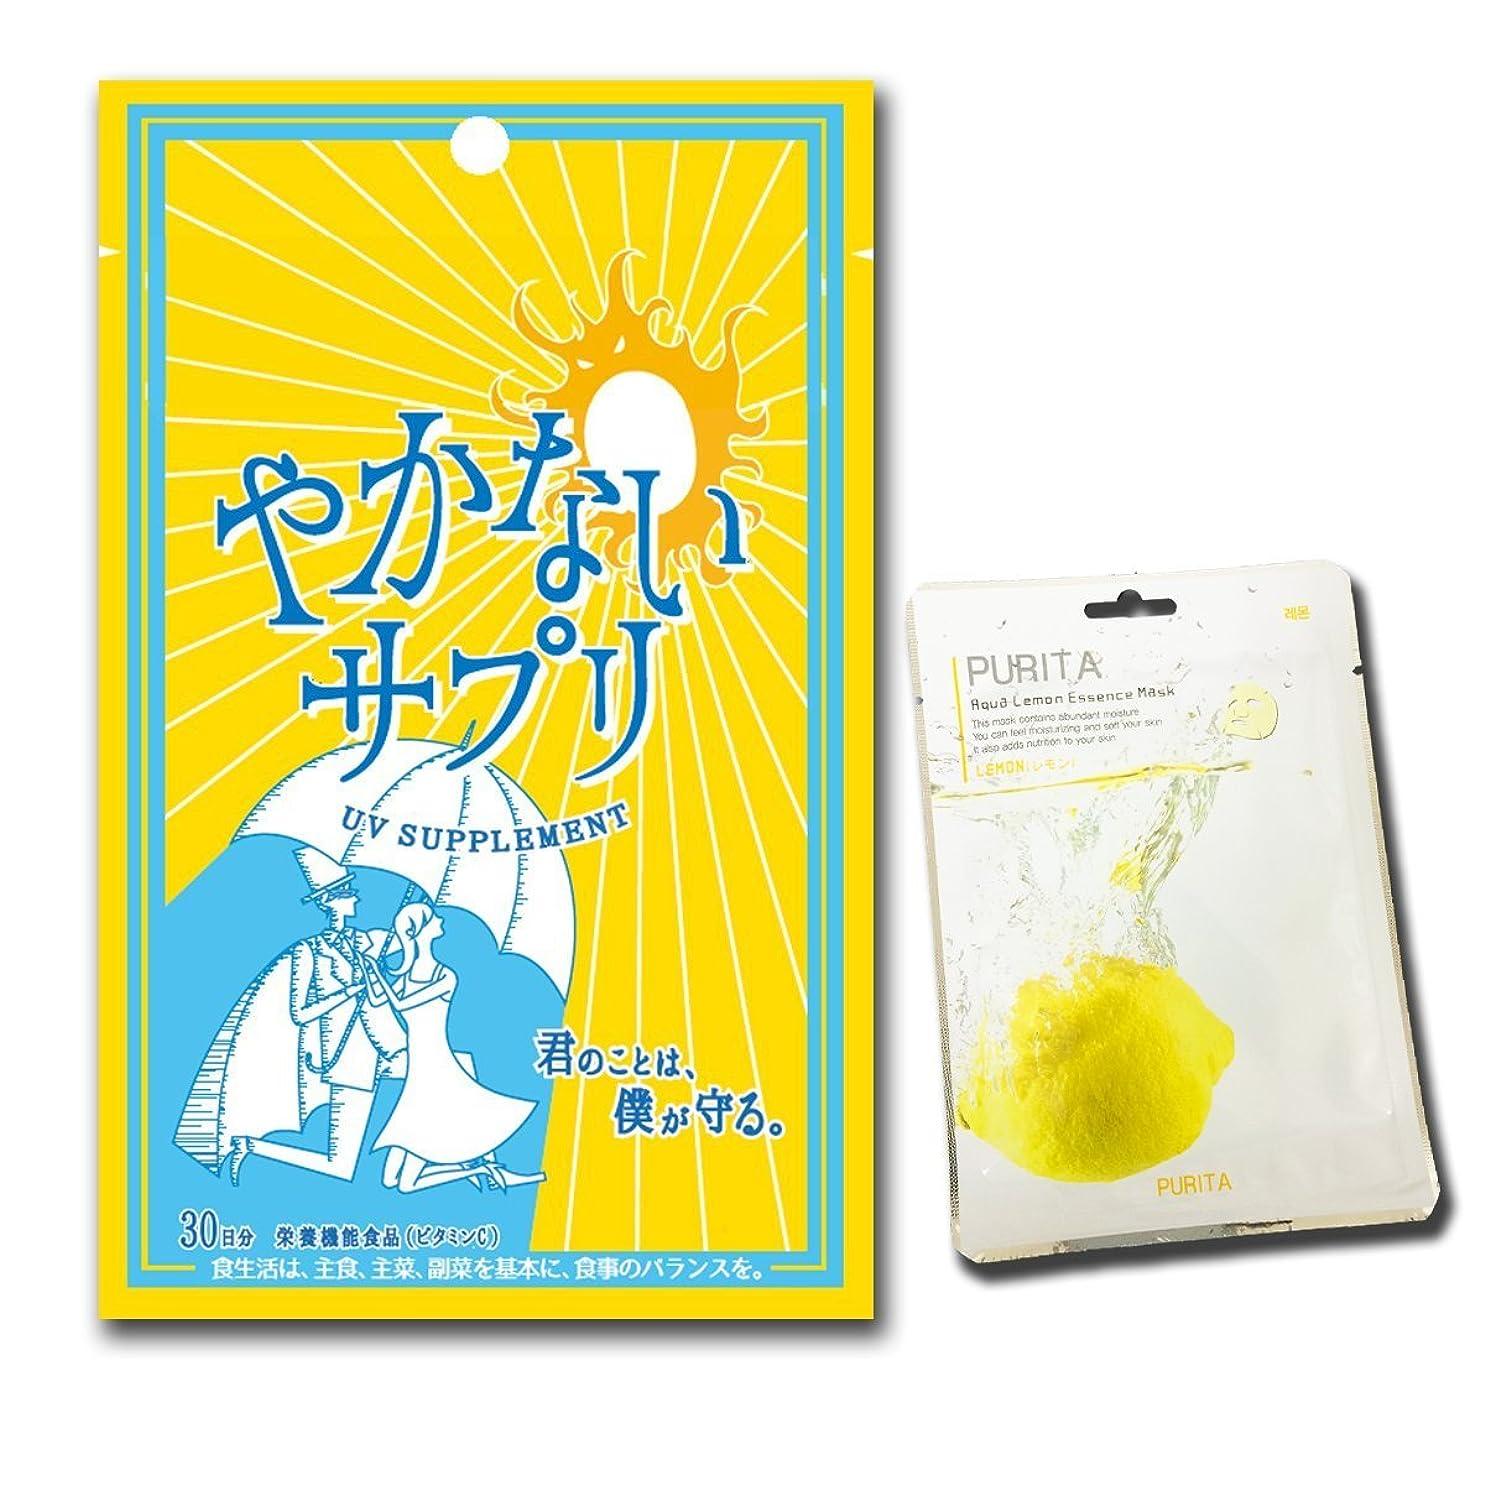 怖がって死ぬ革命大使飲む日焼け止め やかないサプリ 日本製 (30粒/30日分) PURITAフェイスマスク1枚付